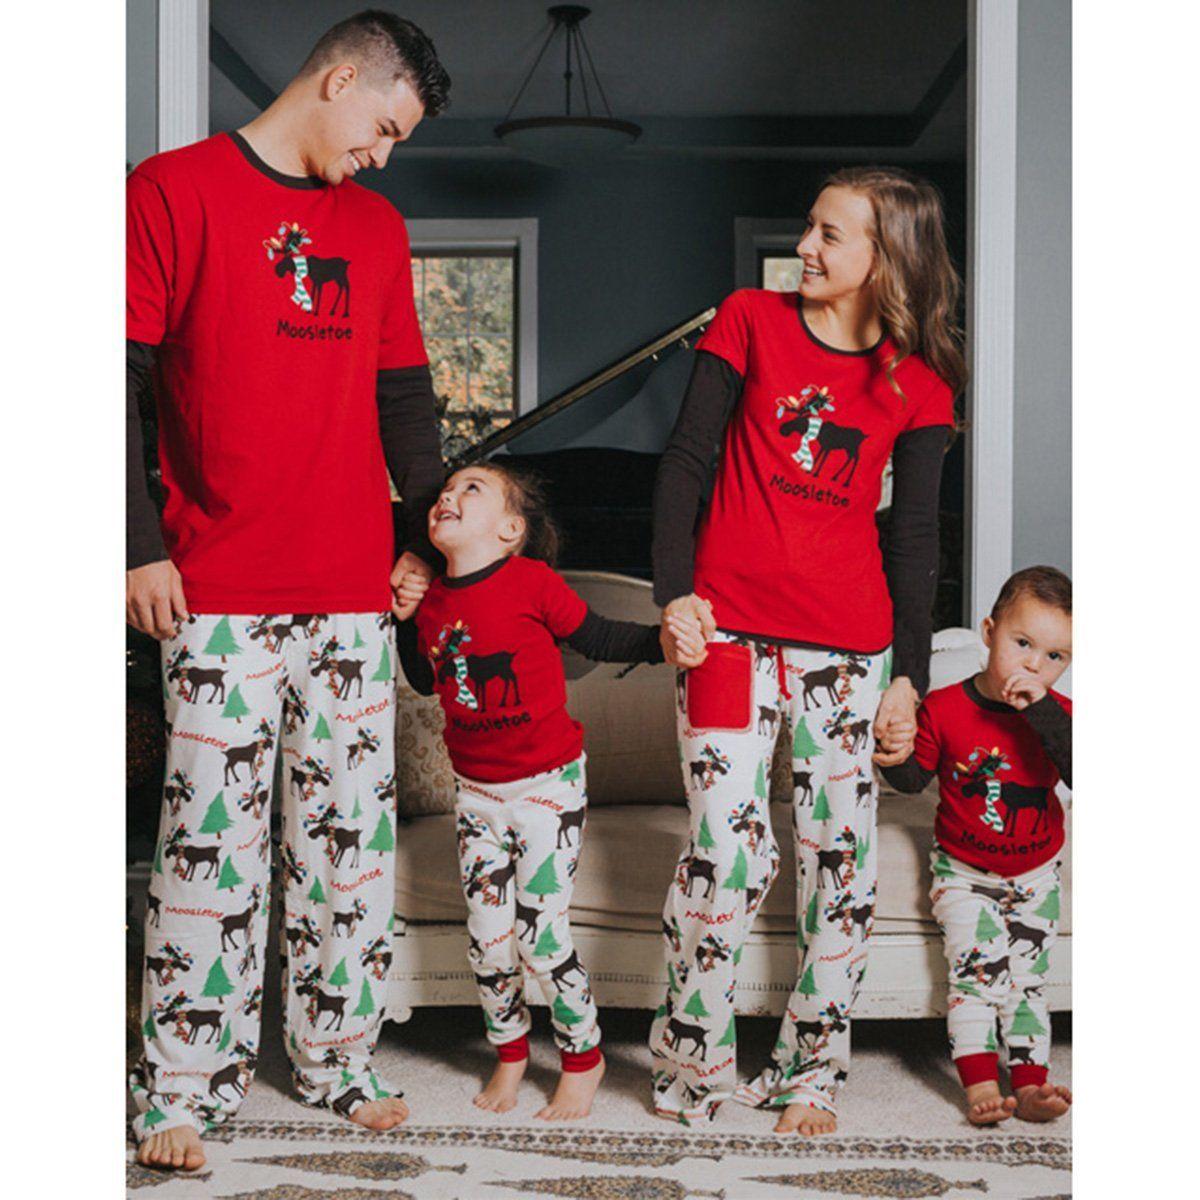 3b0cad115b  7.89 - Family Matching Christmas Pajamas Set Men s Women Kids Deer  Sleepwear Nightwear  ebay  Fashion